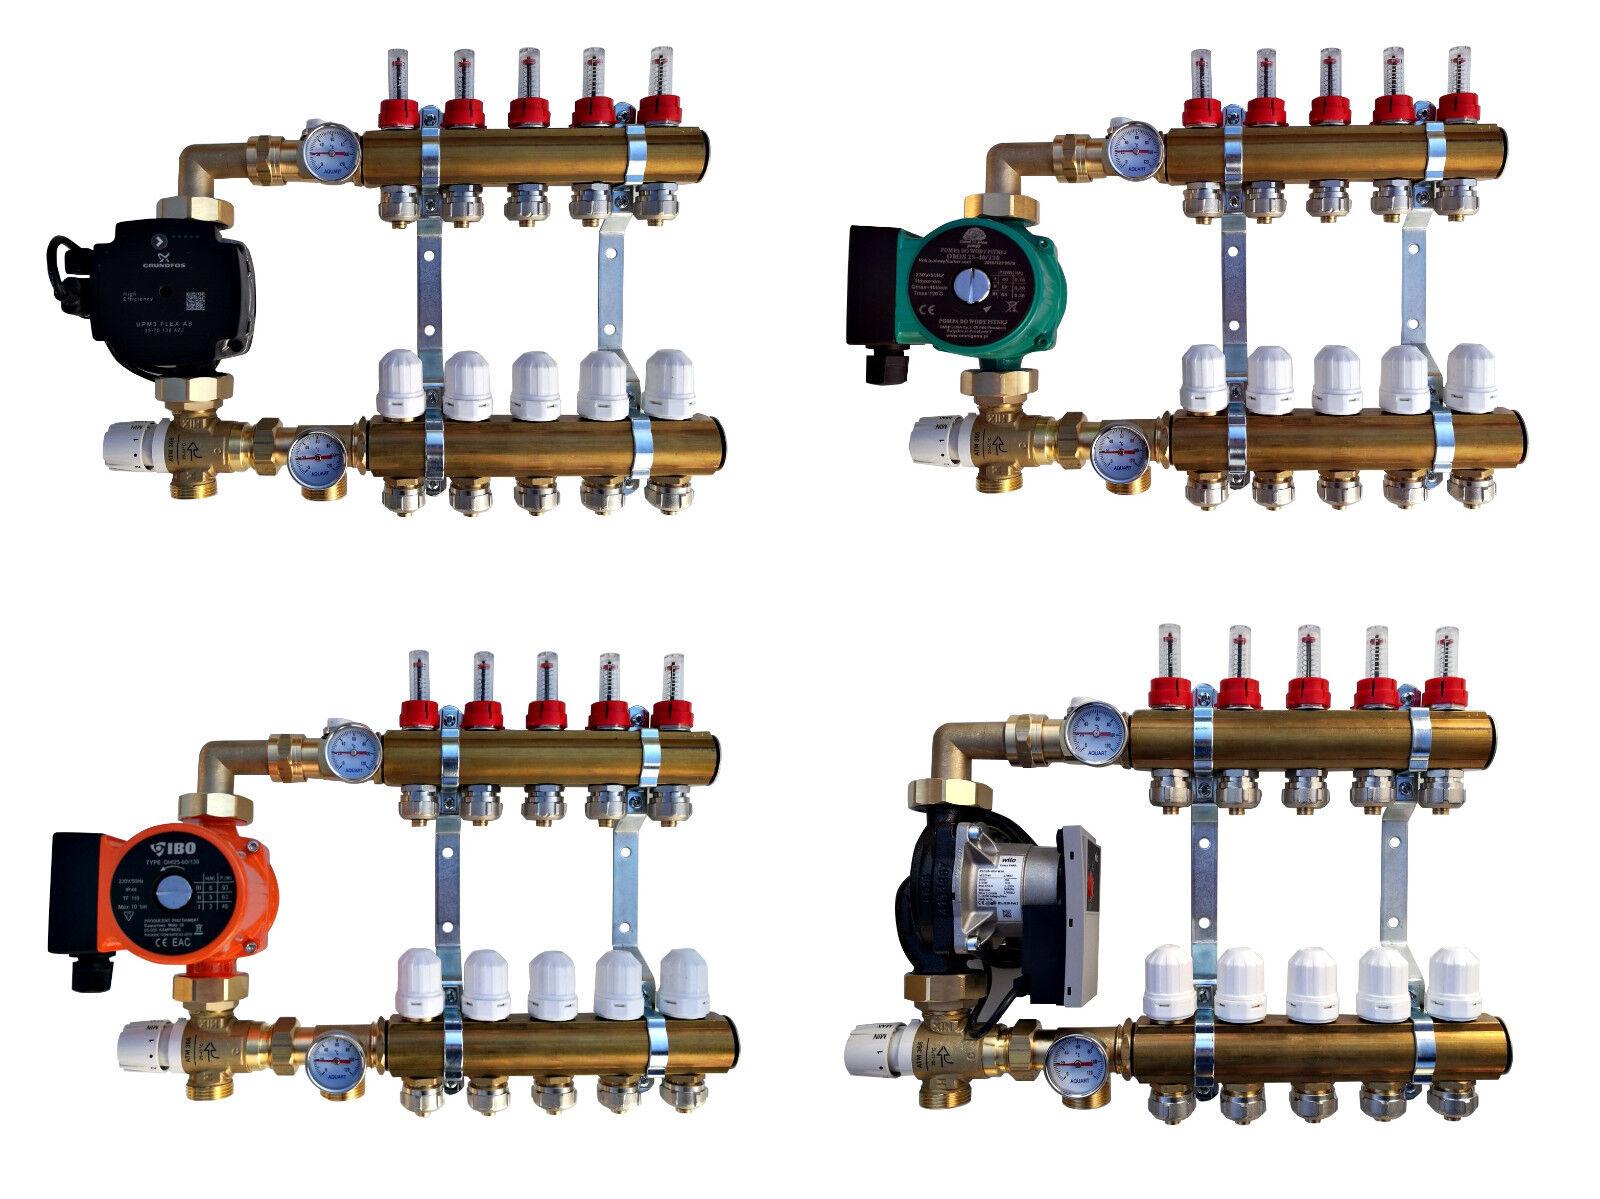 Pumpengruppe / Festwertregelset für Fußbodenheizung aus Heizkreisverteiler Heizkreisverteiler Heizkreisverteiler 2-12 0969b1